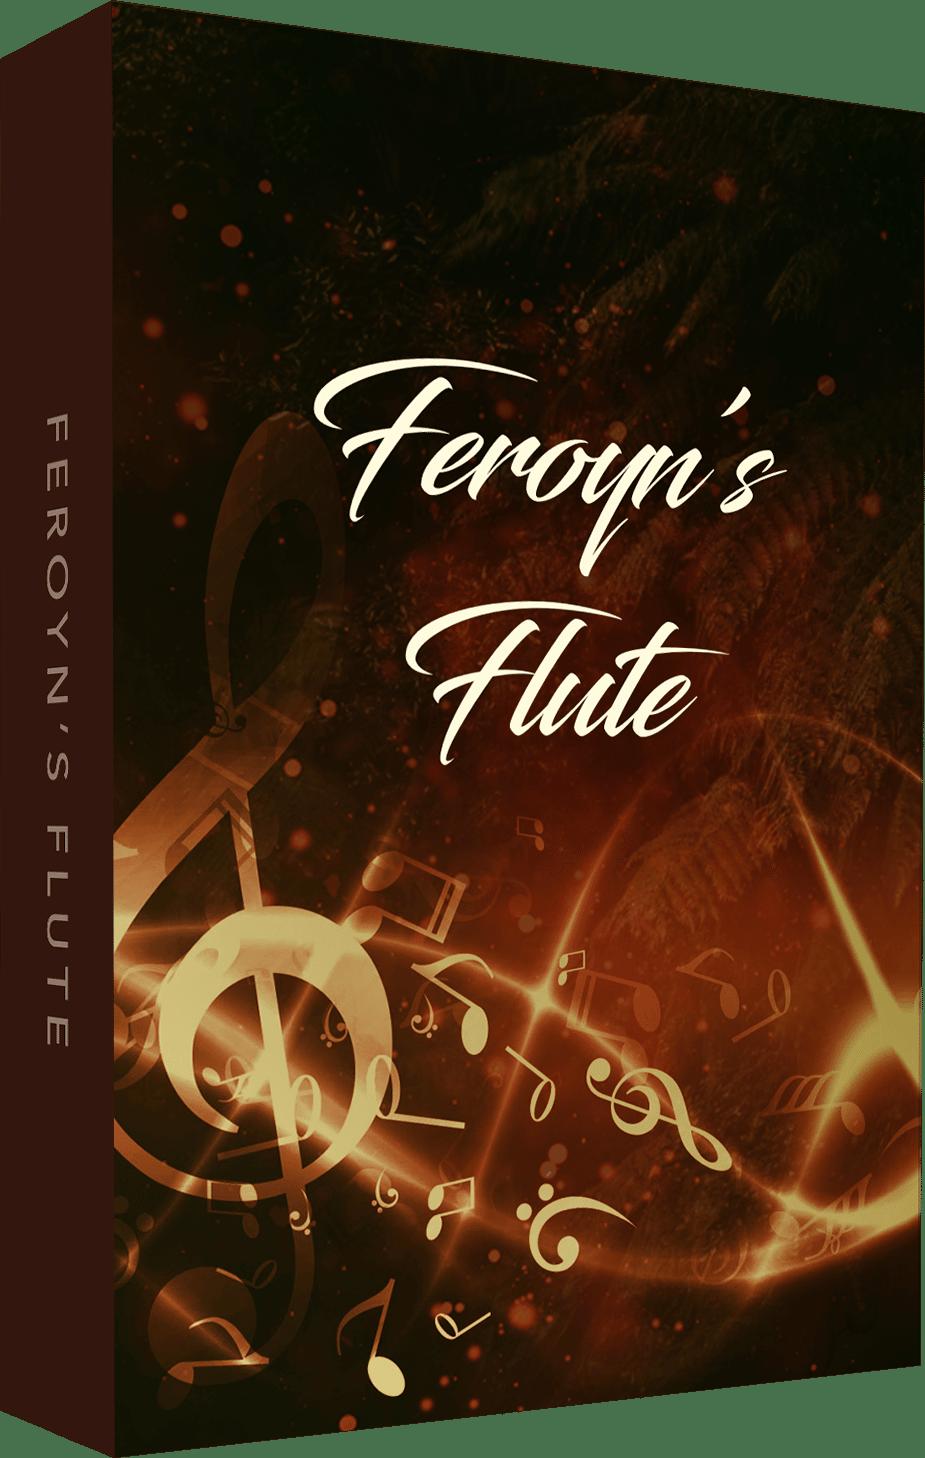 Feroyn's Flute - Free Recorder Sample Library for Kontakt